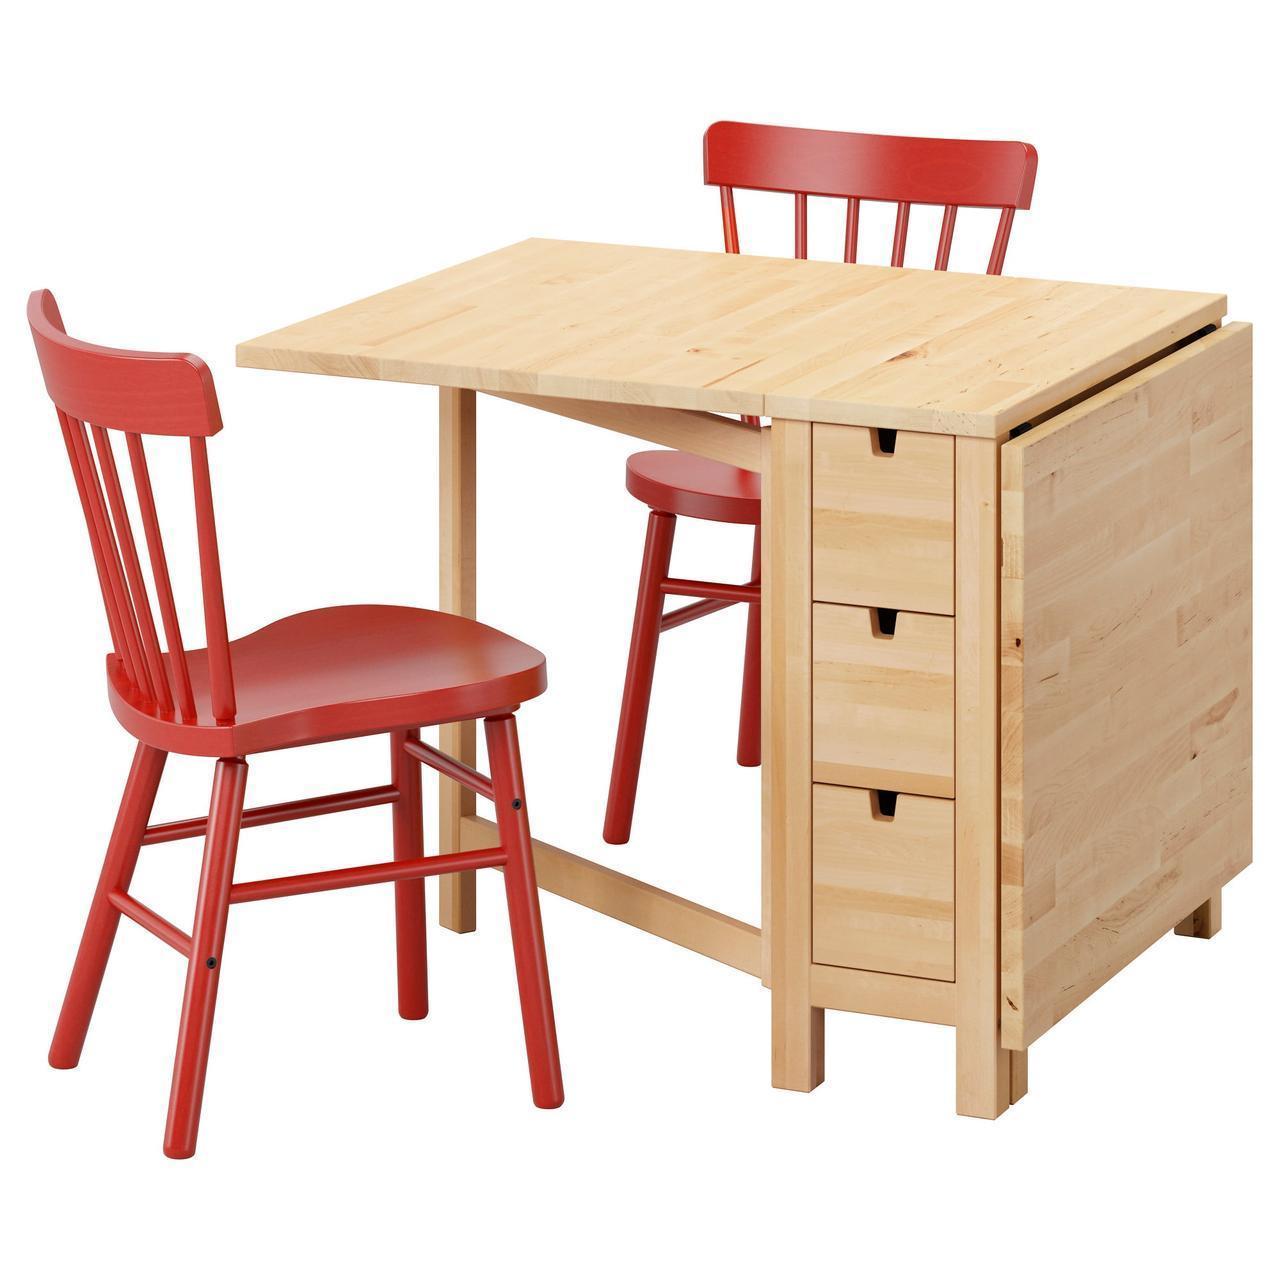 IKEA NORDEN/NORRARYD Стол и 2 стула, береза, красный  (792.291.70)